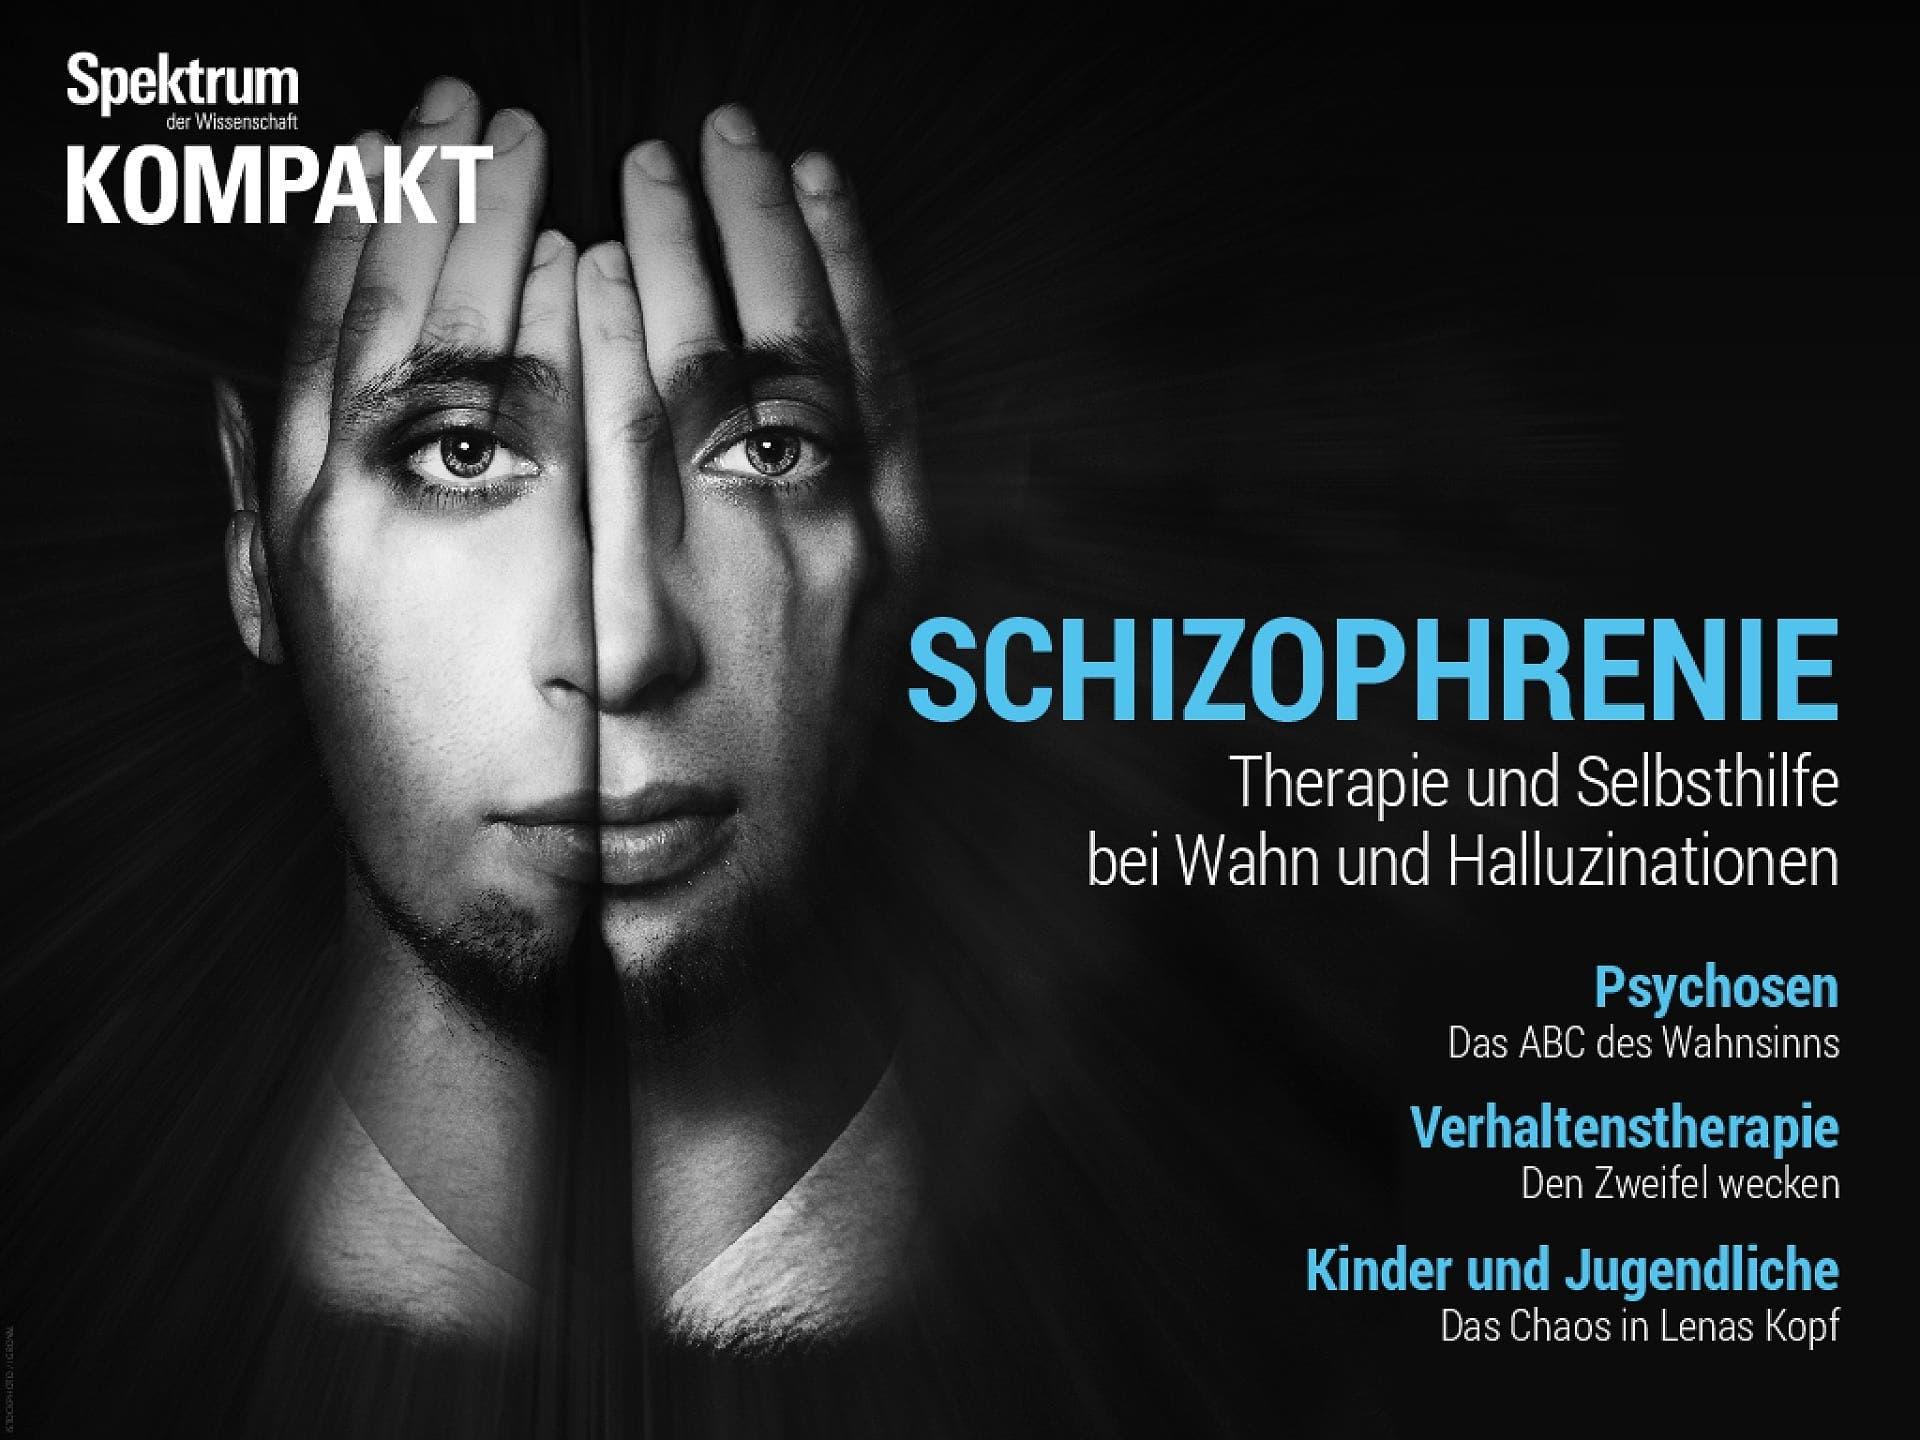 Schizophrenie - Therapie und Selbsthilfe bei Wahn und Halluzinationen